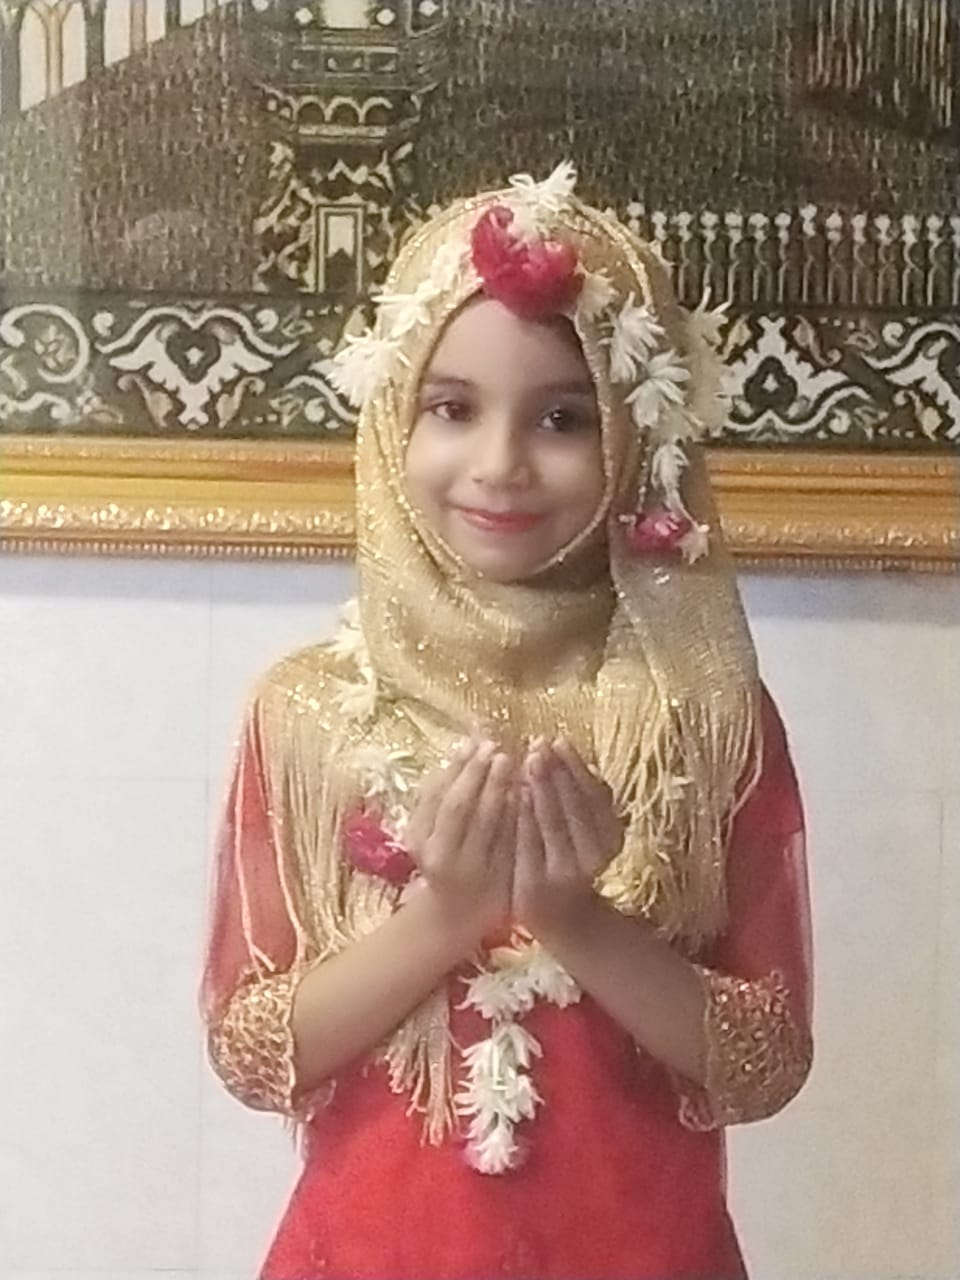 ભરૂચ: માત્ર ૮ વર્ષની સોફિયા મશહદીએ આકરી ગરમીમાં પહેલીવાર રમજાન માસના પુરા રોજા રાખી કરી ઇબાદત